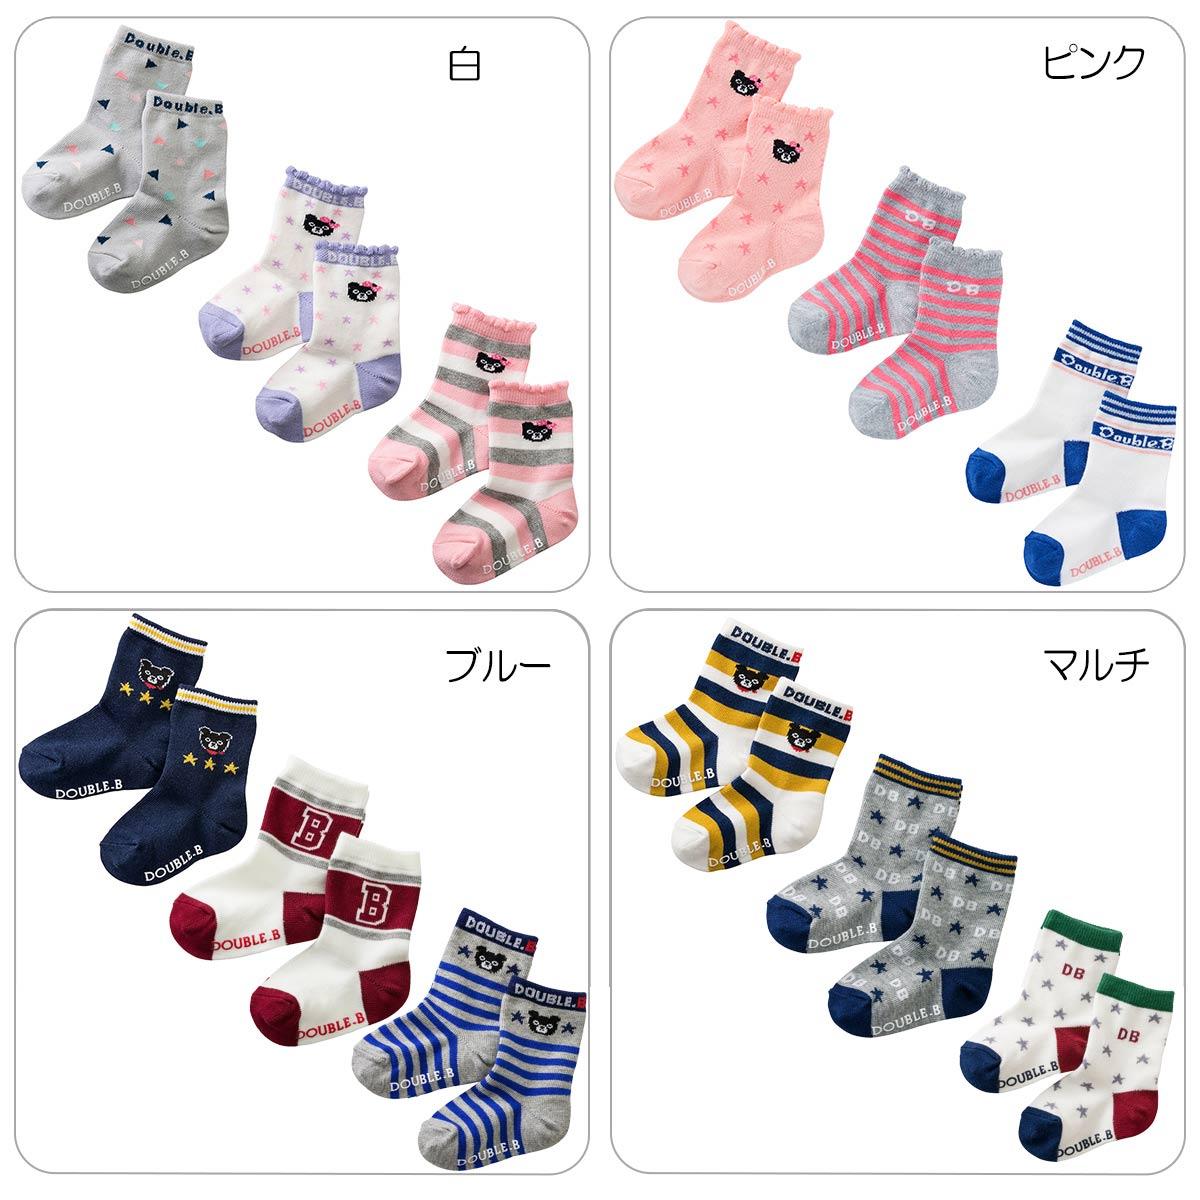 【セール30%OFF】ダブルビー ソックスパック 3Pセット 3Pソックス 靴下(11-21cm)【64-9618-264】 sm30